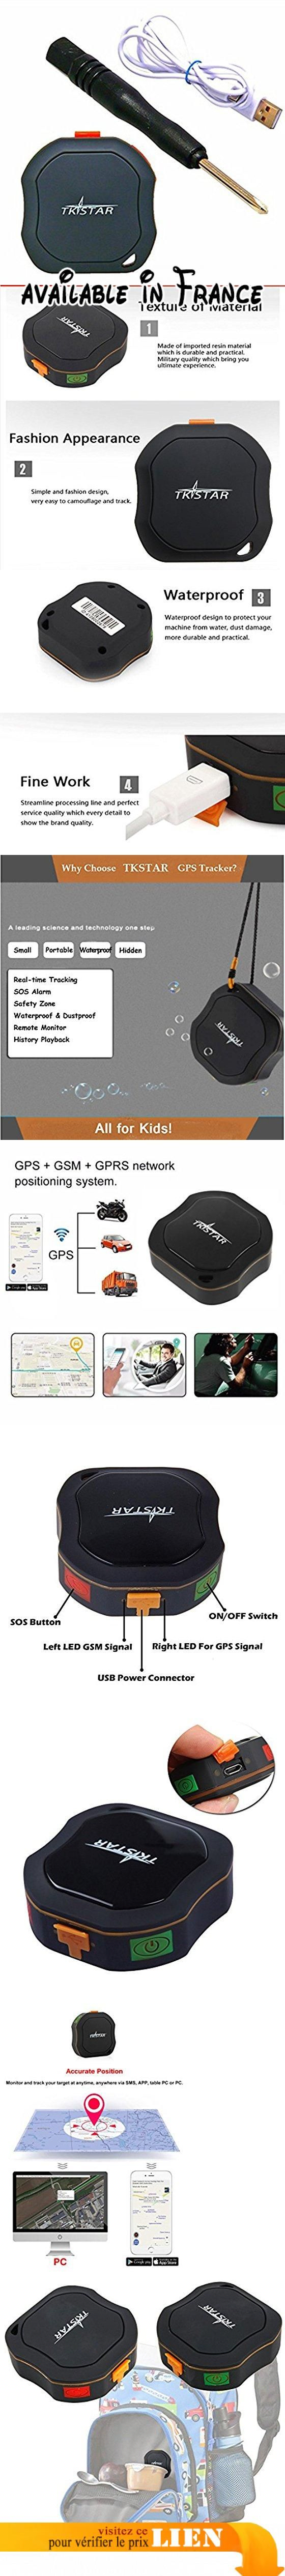 Mini Micro GPS Tracker Locator pour enfants Appareil de suivi des enfants GPS + GSM + LBS 5 jours en veille SOS Alarm Waterproof Auto Device. ✔Vérifiez l'emplacement des enfants perdus ou volés, des personnes âgées, des animaux domestiques, des véhicules (location de voitures, camions, moteurs, etc.). ✔Realtime Tracking-GSM / GPS positionnement en mode double, précision de positionnement jusqu'à 5 mètres.. ✔Régagement de puissance: durée maximale de 7 à 10